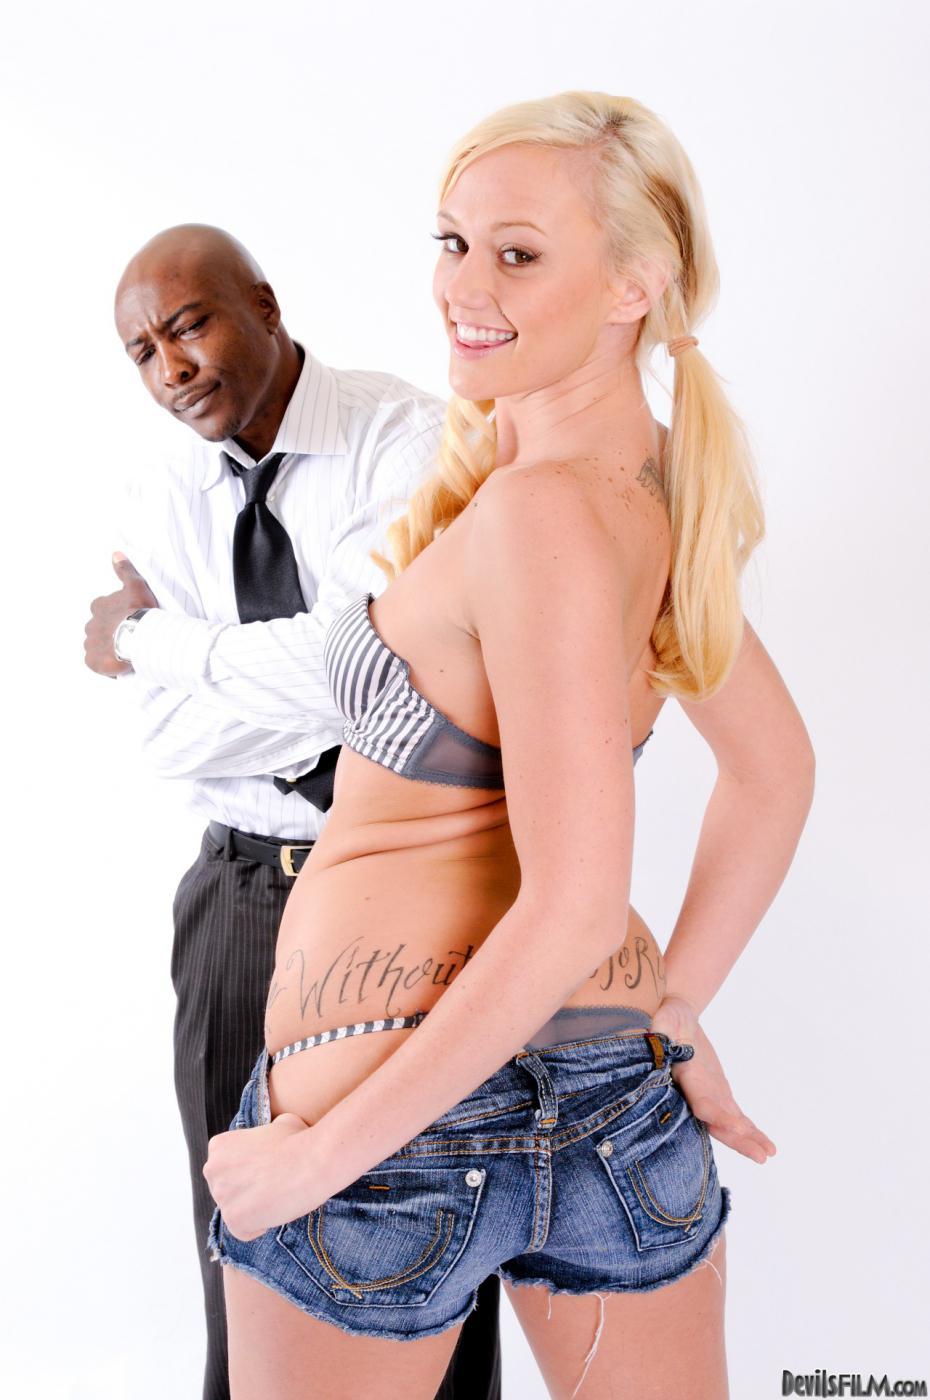 Соблазнительная блондинка Molly Rae дразнит невероятной попкой в джинсовых шортиках